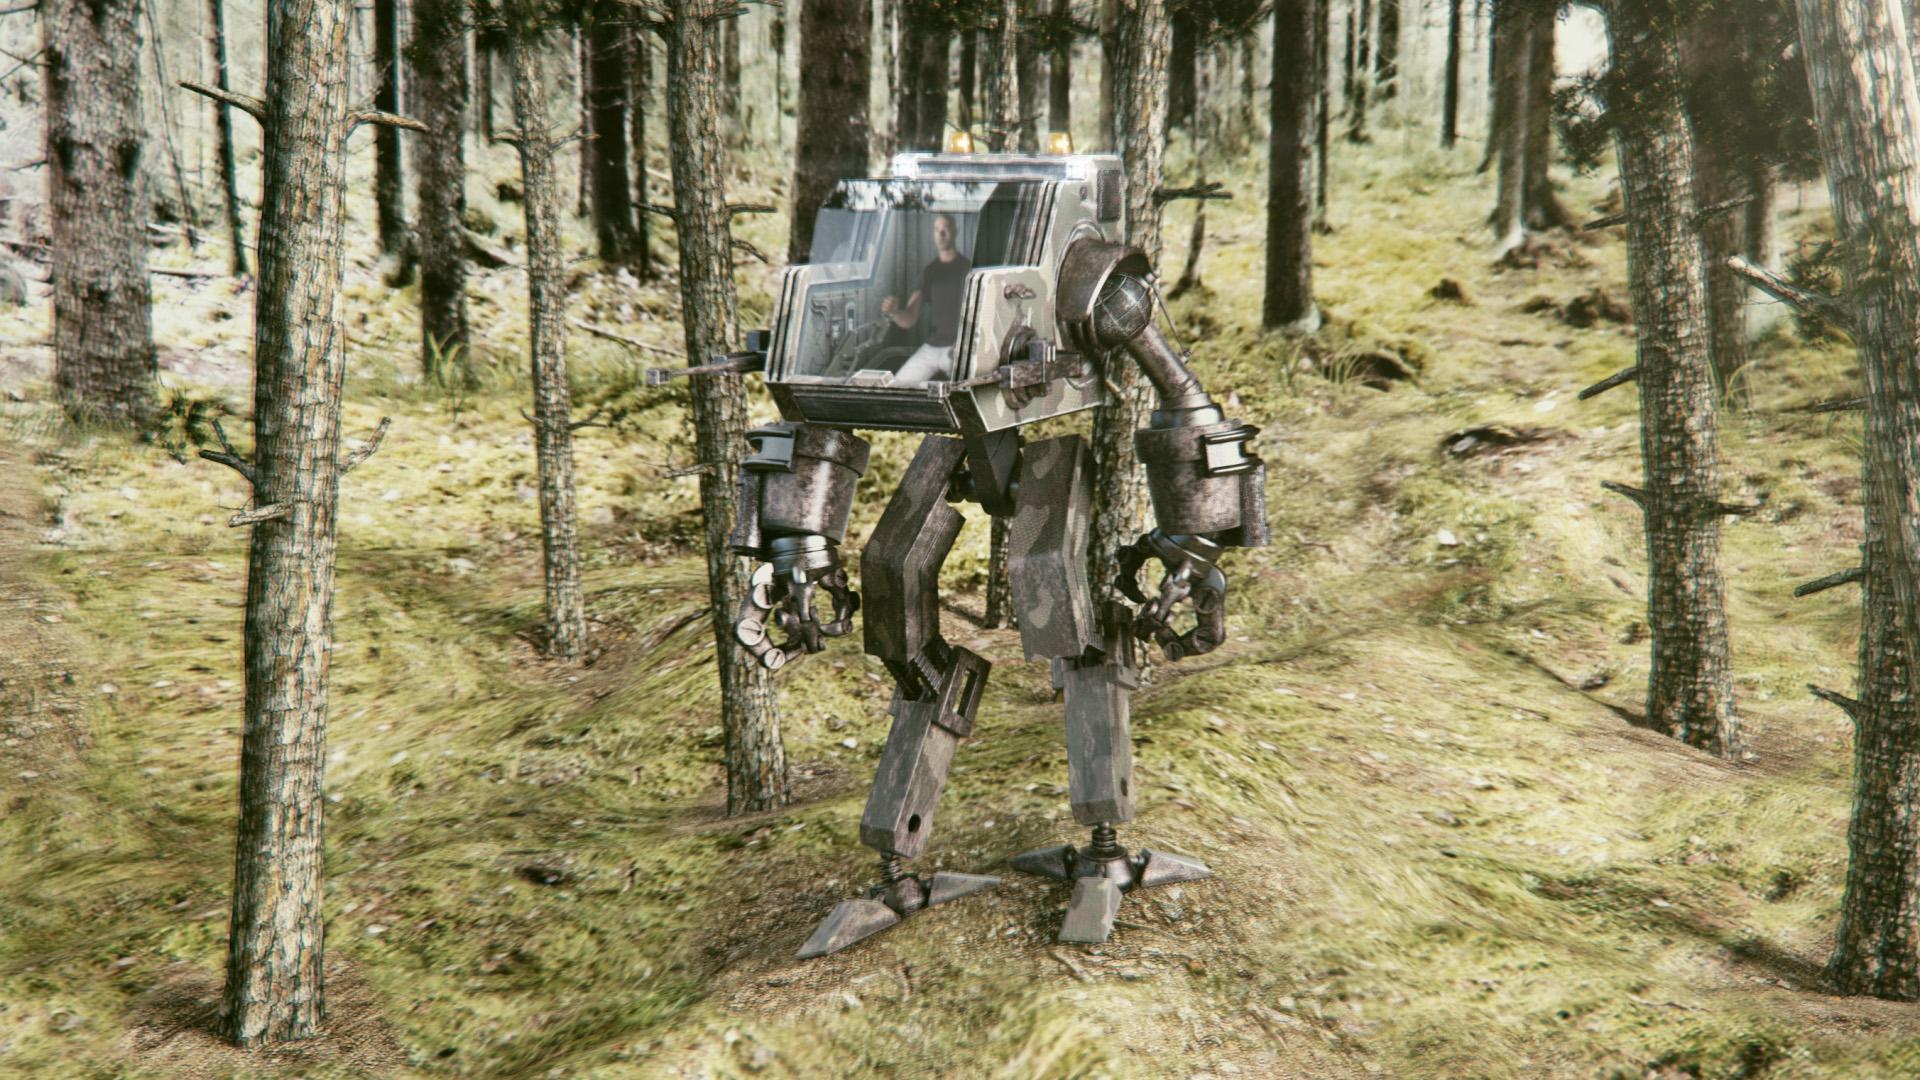 Robot: VFX in Blender  - Finished Projects - Blender Artists